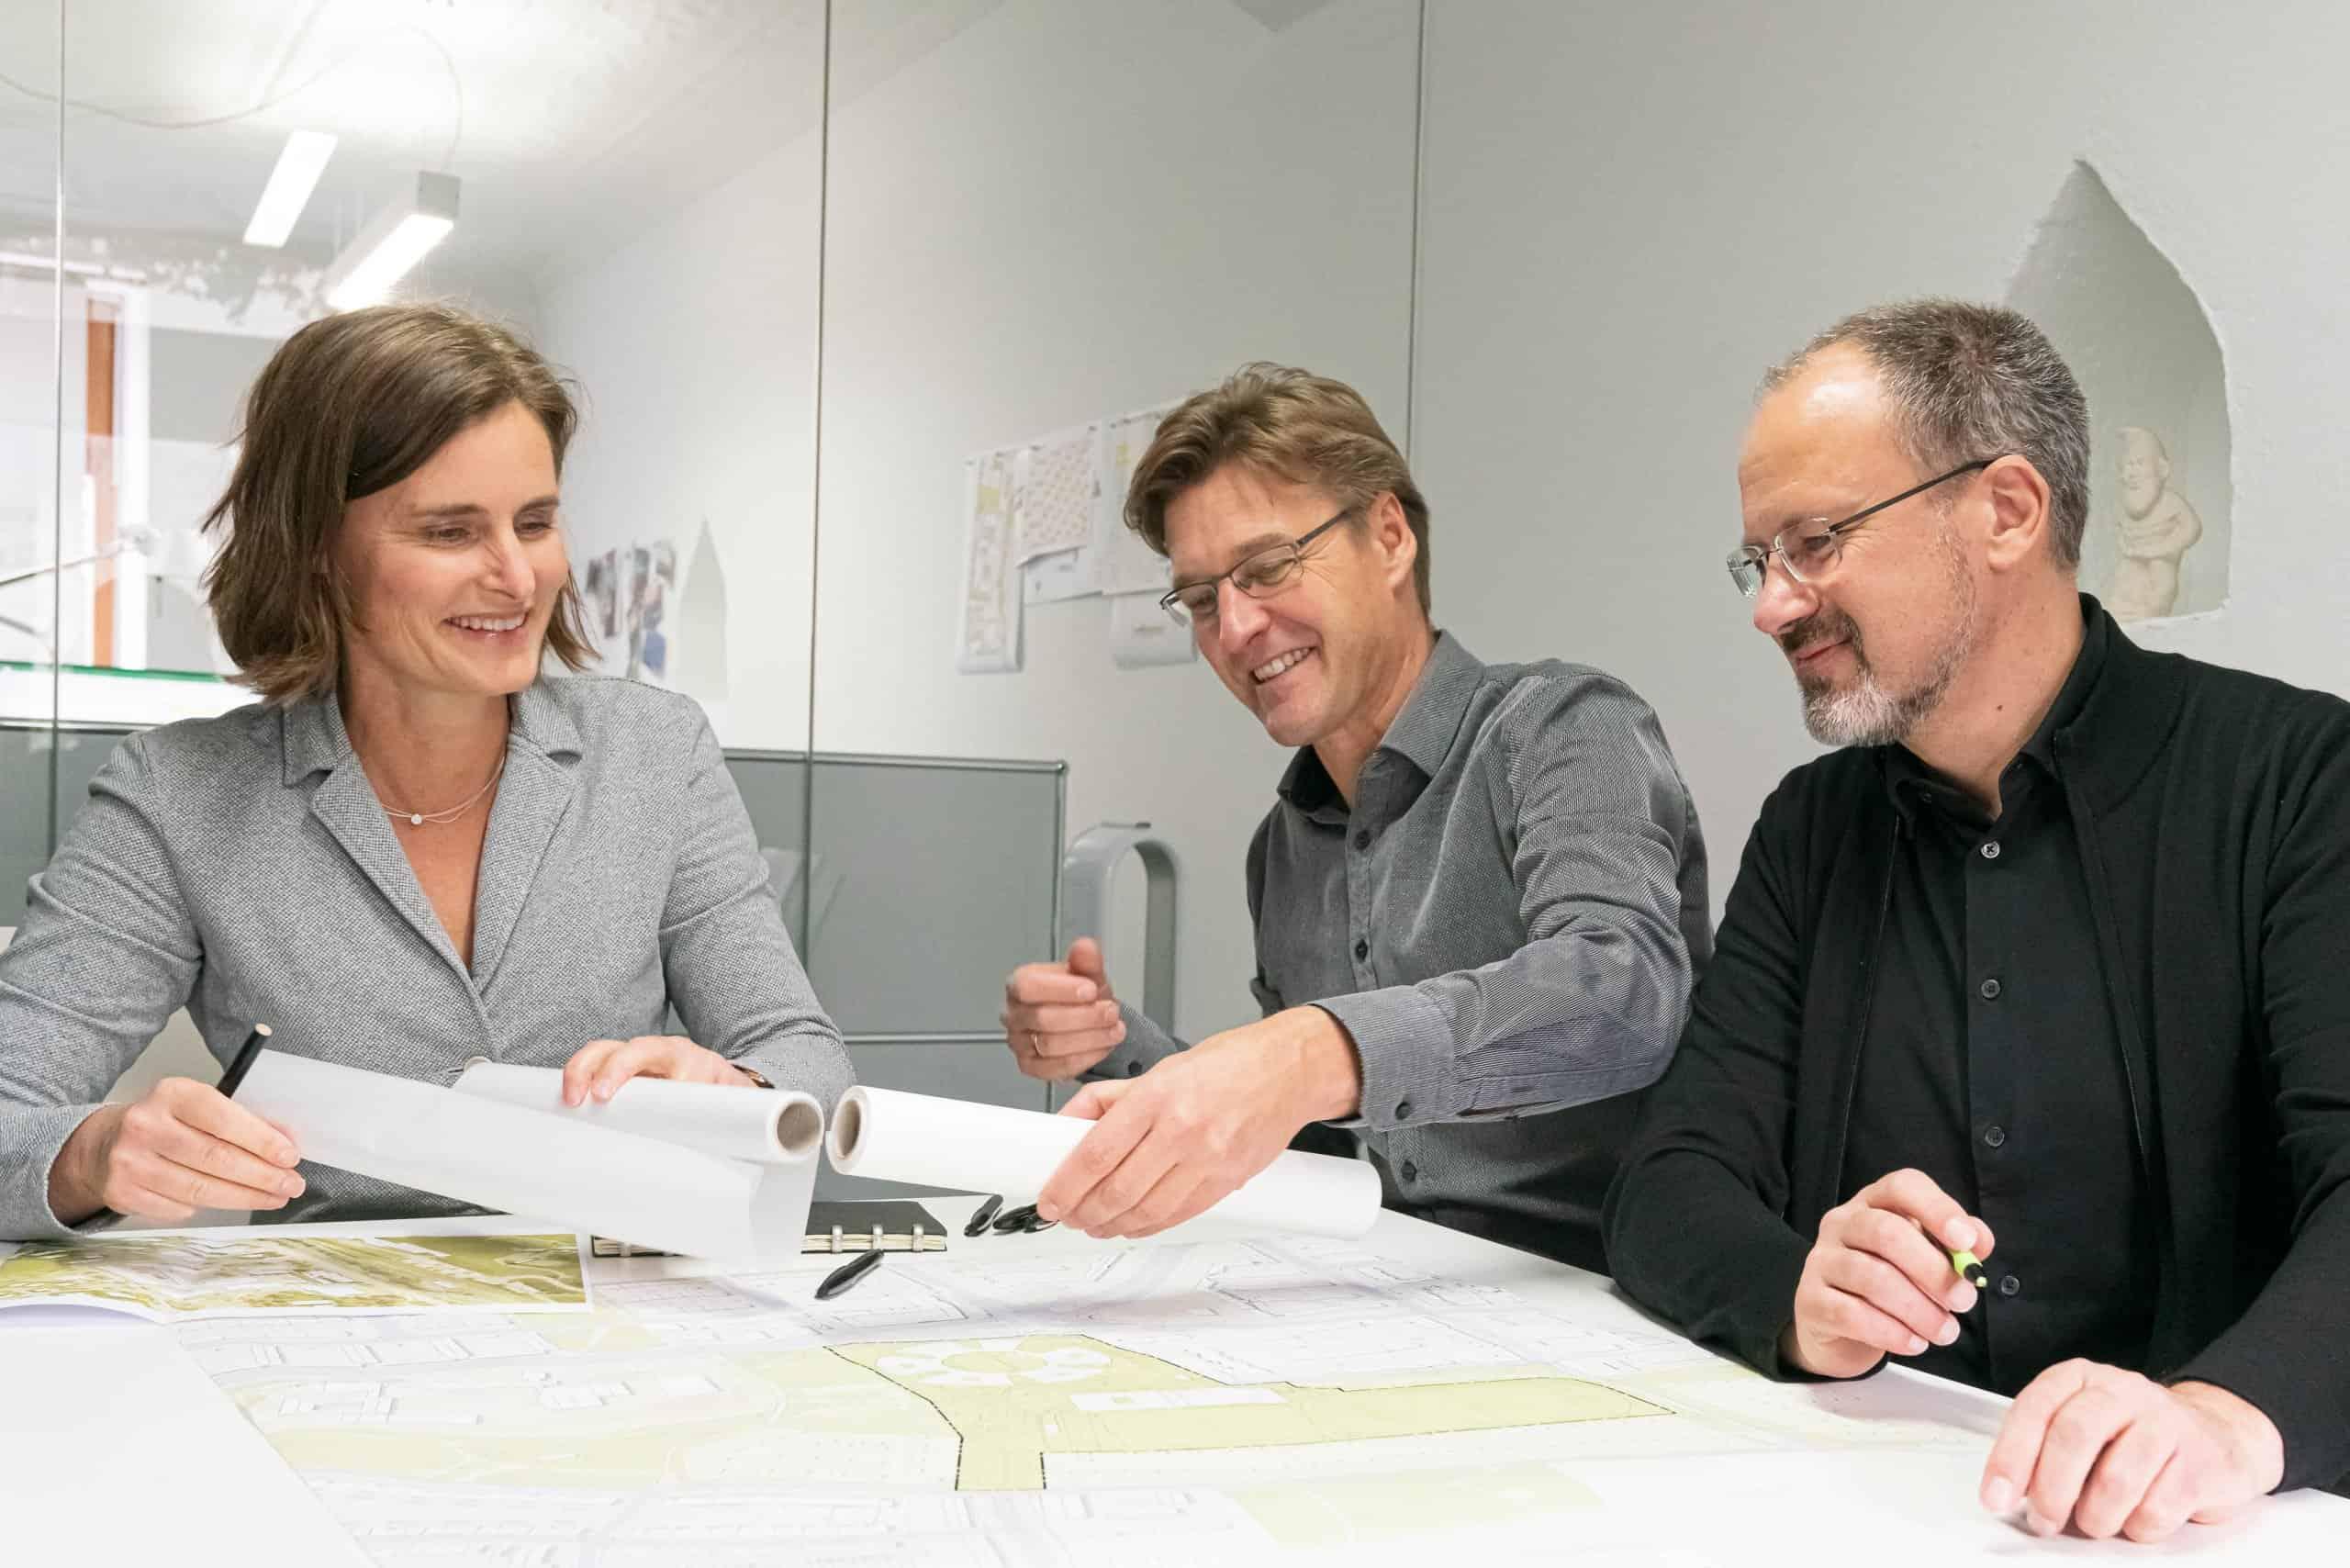 Bild: Die Geschäftsführer Prof. Dr. Birgit Kröniger, Jochen Rümpelein und Robert Wenk bei einer gemeinsamen Besprechung